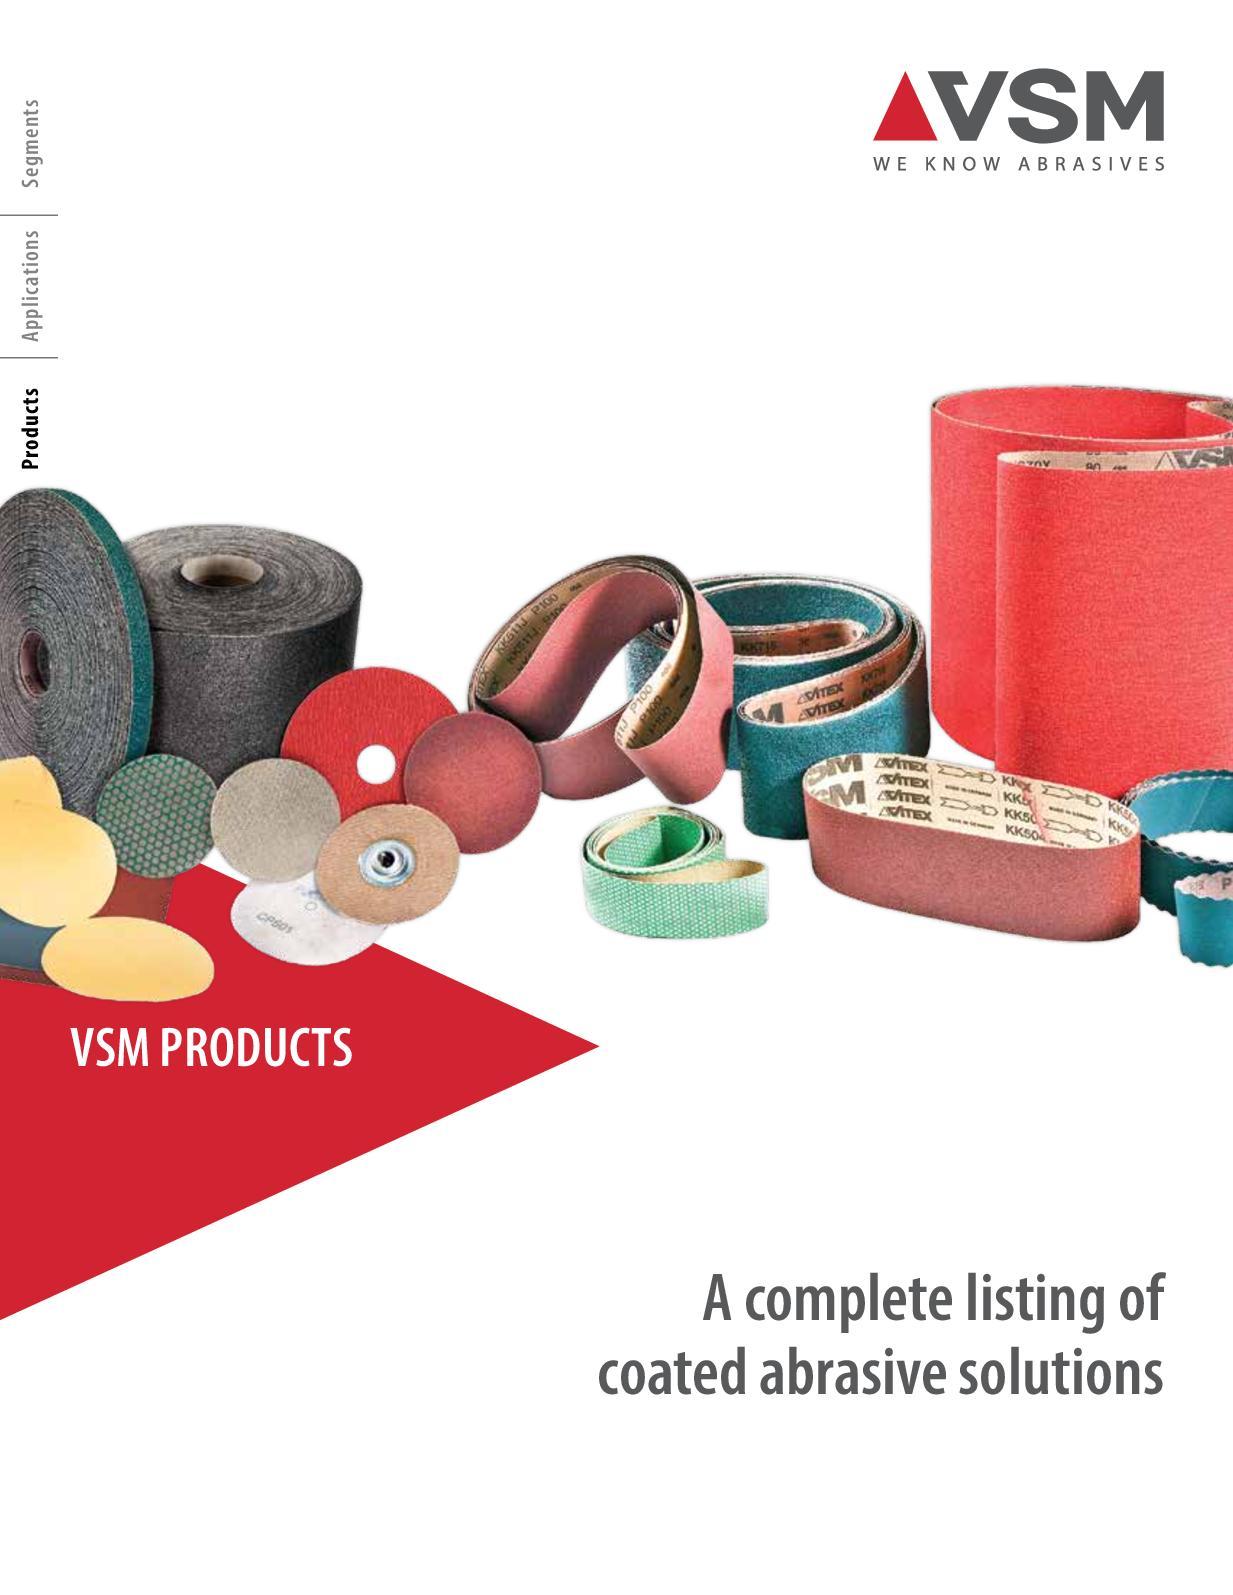 Medium Grade 1 Width 90 Length Silicon Carbide 80 Grit Black Pack of 10 Cloth Backing 1 Width 90 Length VSM Abrasives Co. VSM 212338 Abrasive Belt